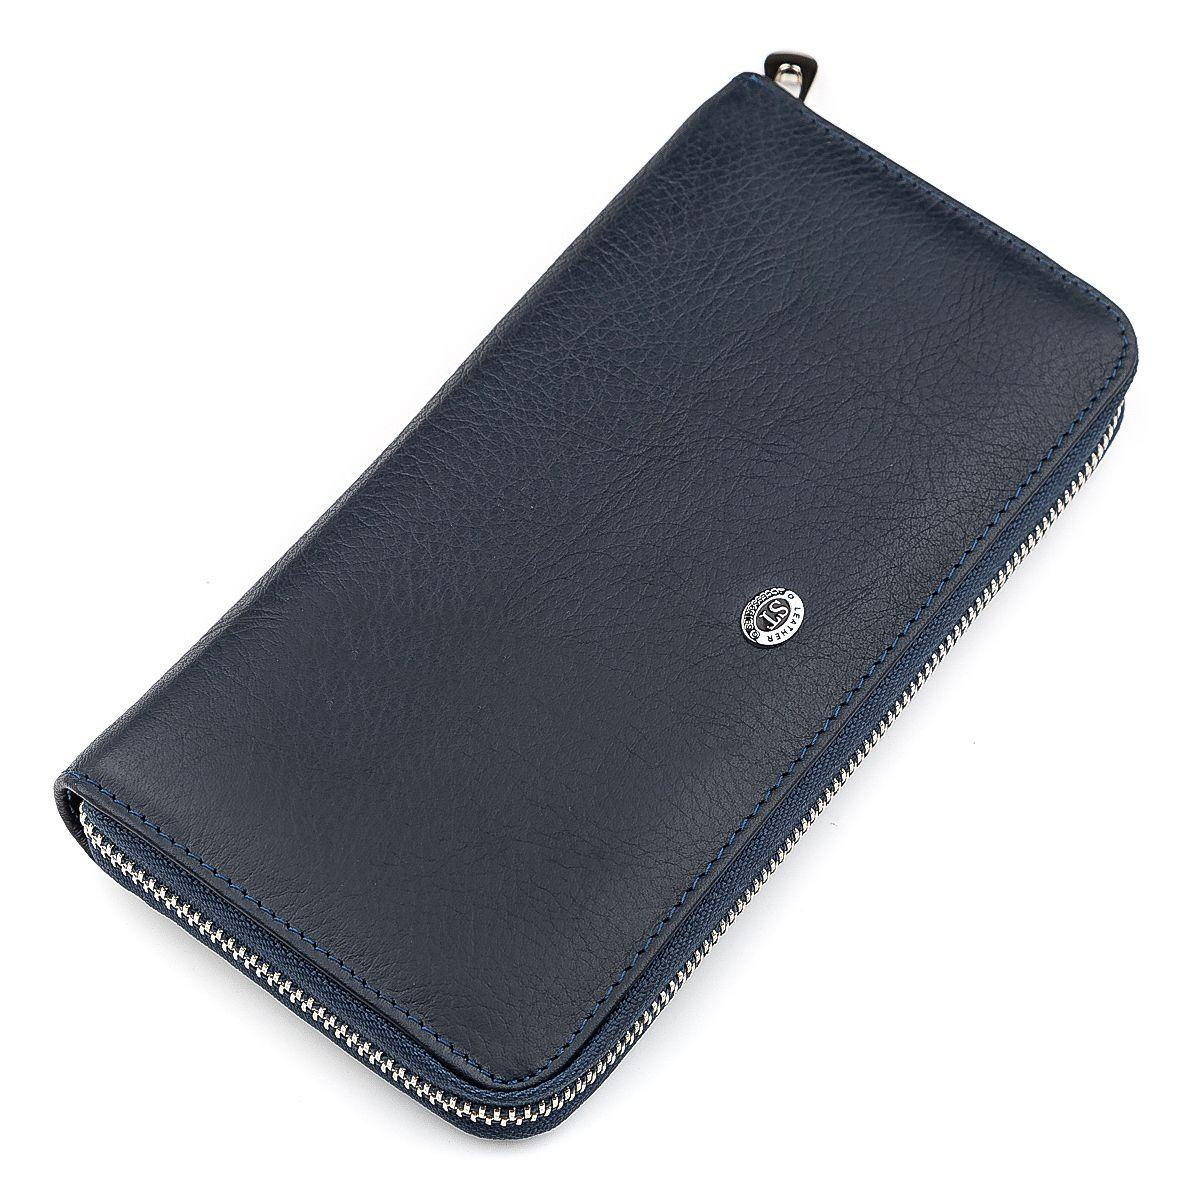 Мужской кошелек ST Leather 18420 (ST45) на молнии Синий, Синий